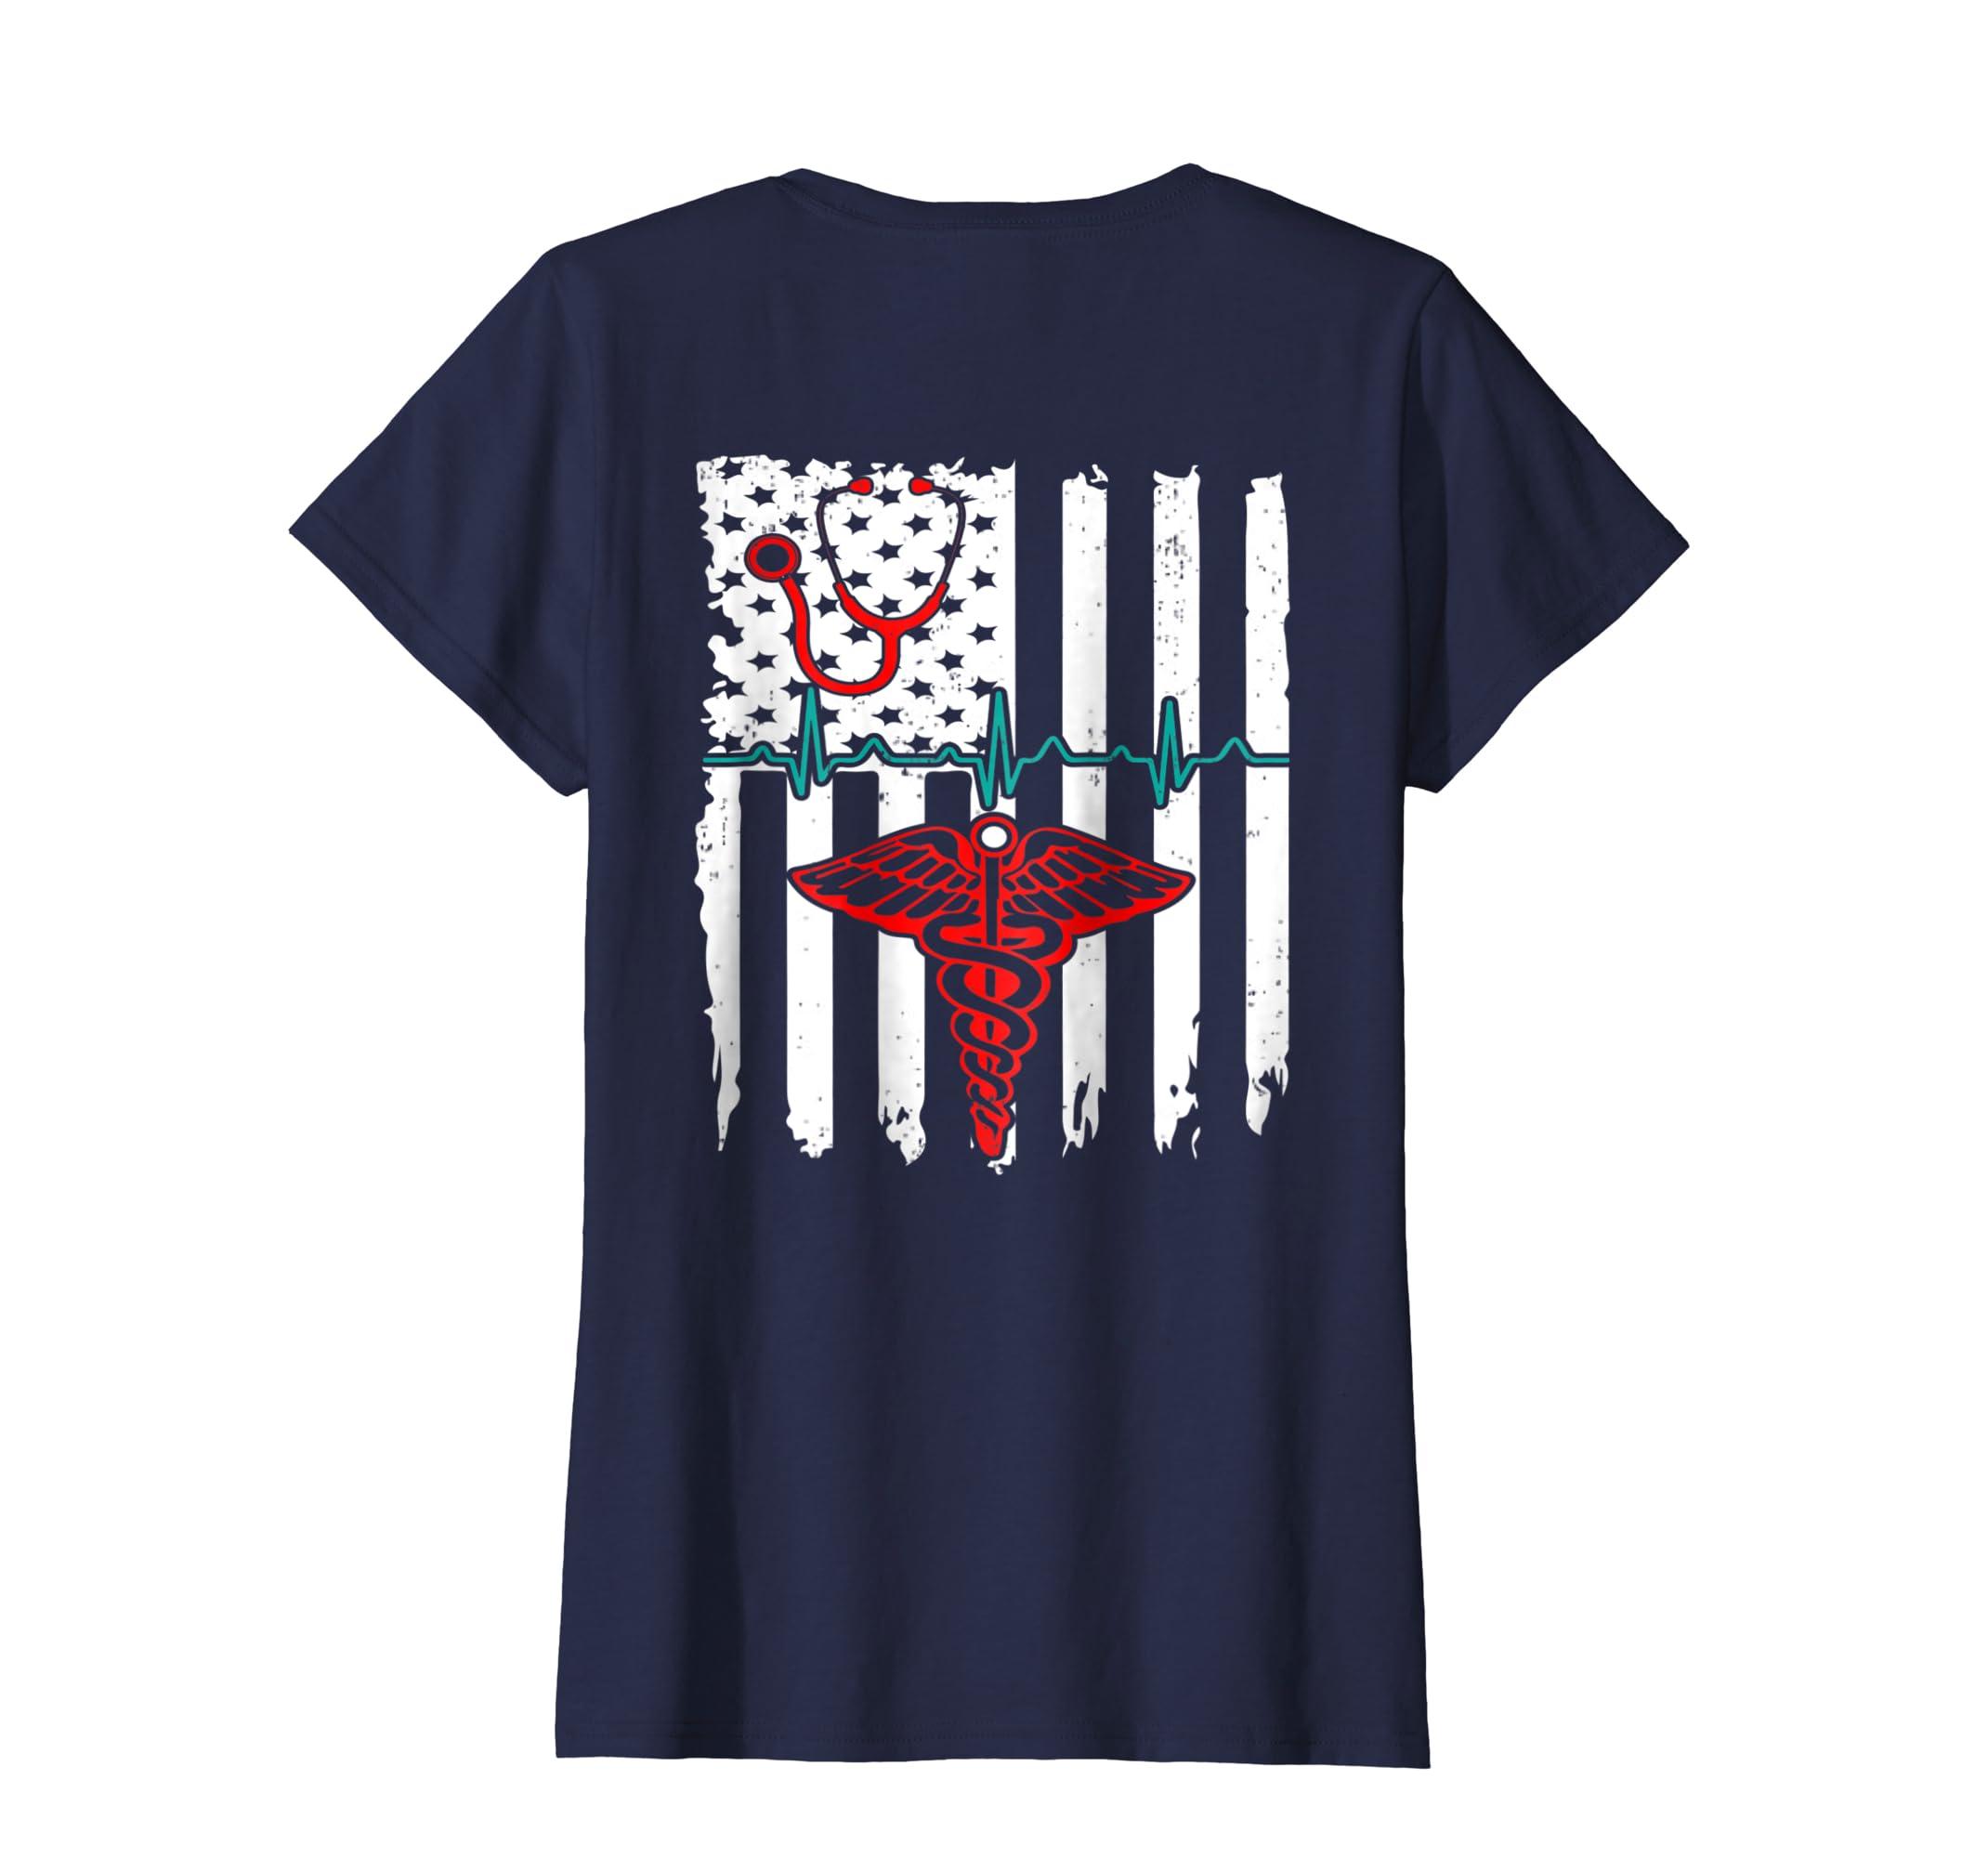 f36caee75 Amazon.com: Patriot Apparel Nurse T-Shirt American Flag Nurse T-Shirt:  Clothing